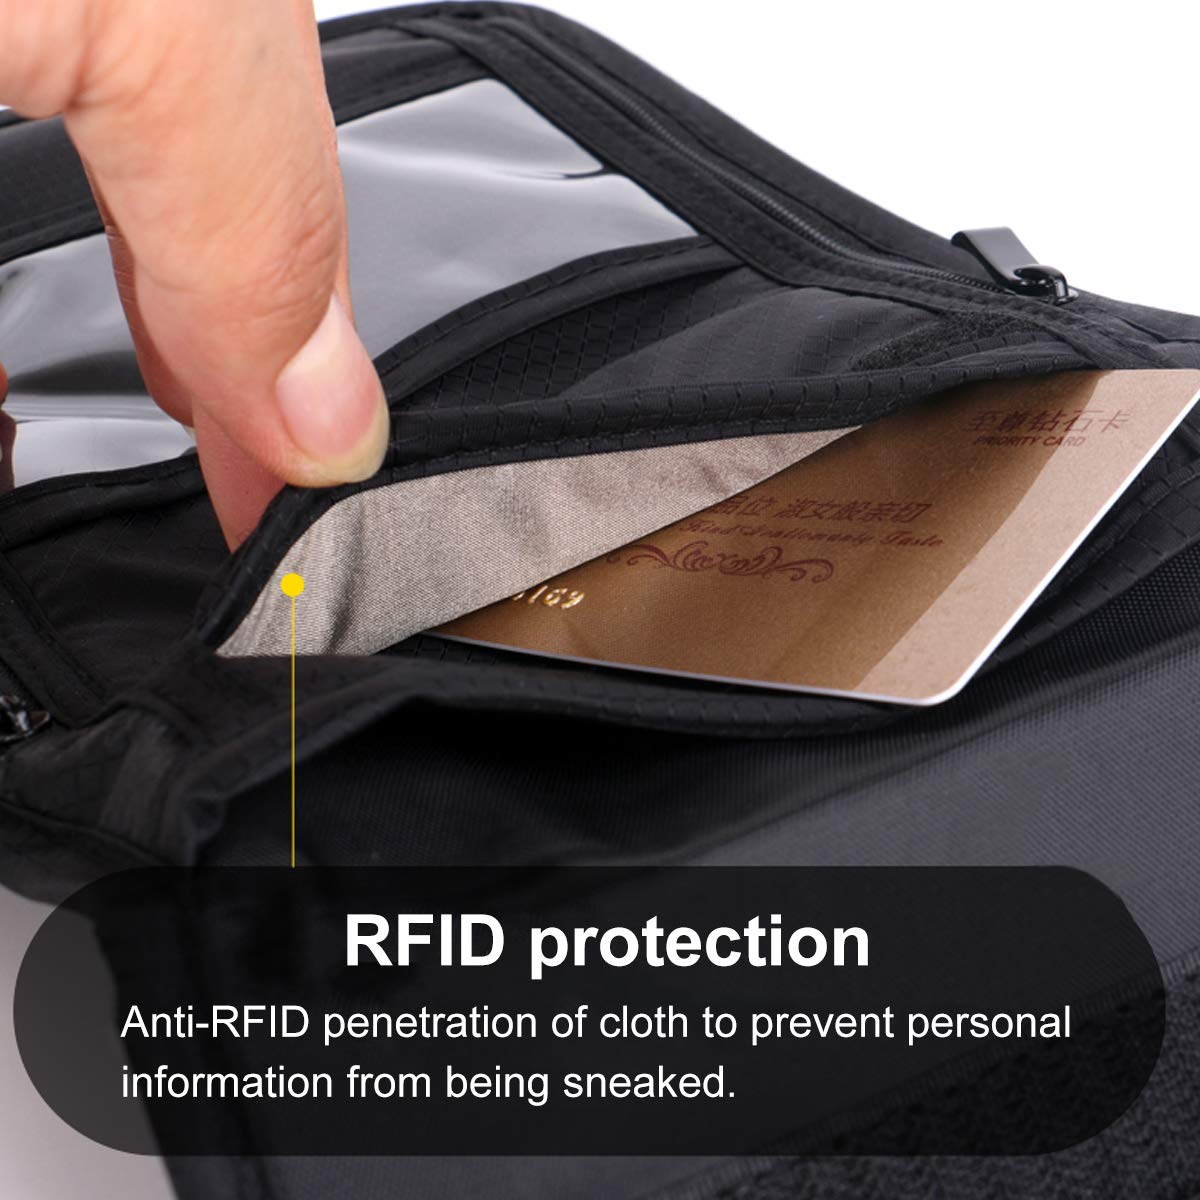 Passport Travel Stash Pouch-Passport Holder Travel Neck Pouch Neck Wallet Stash with RFID Blocking